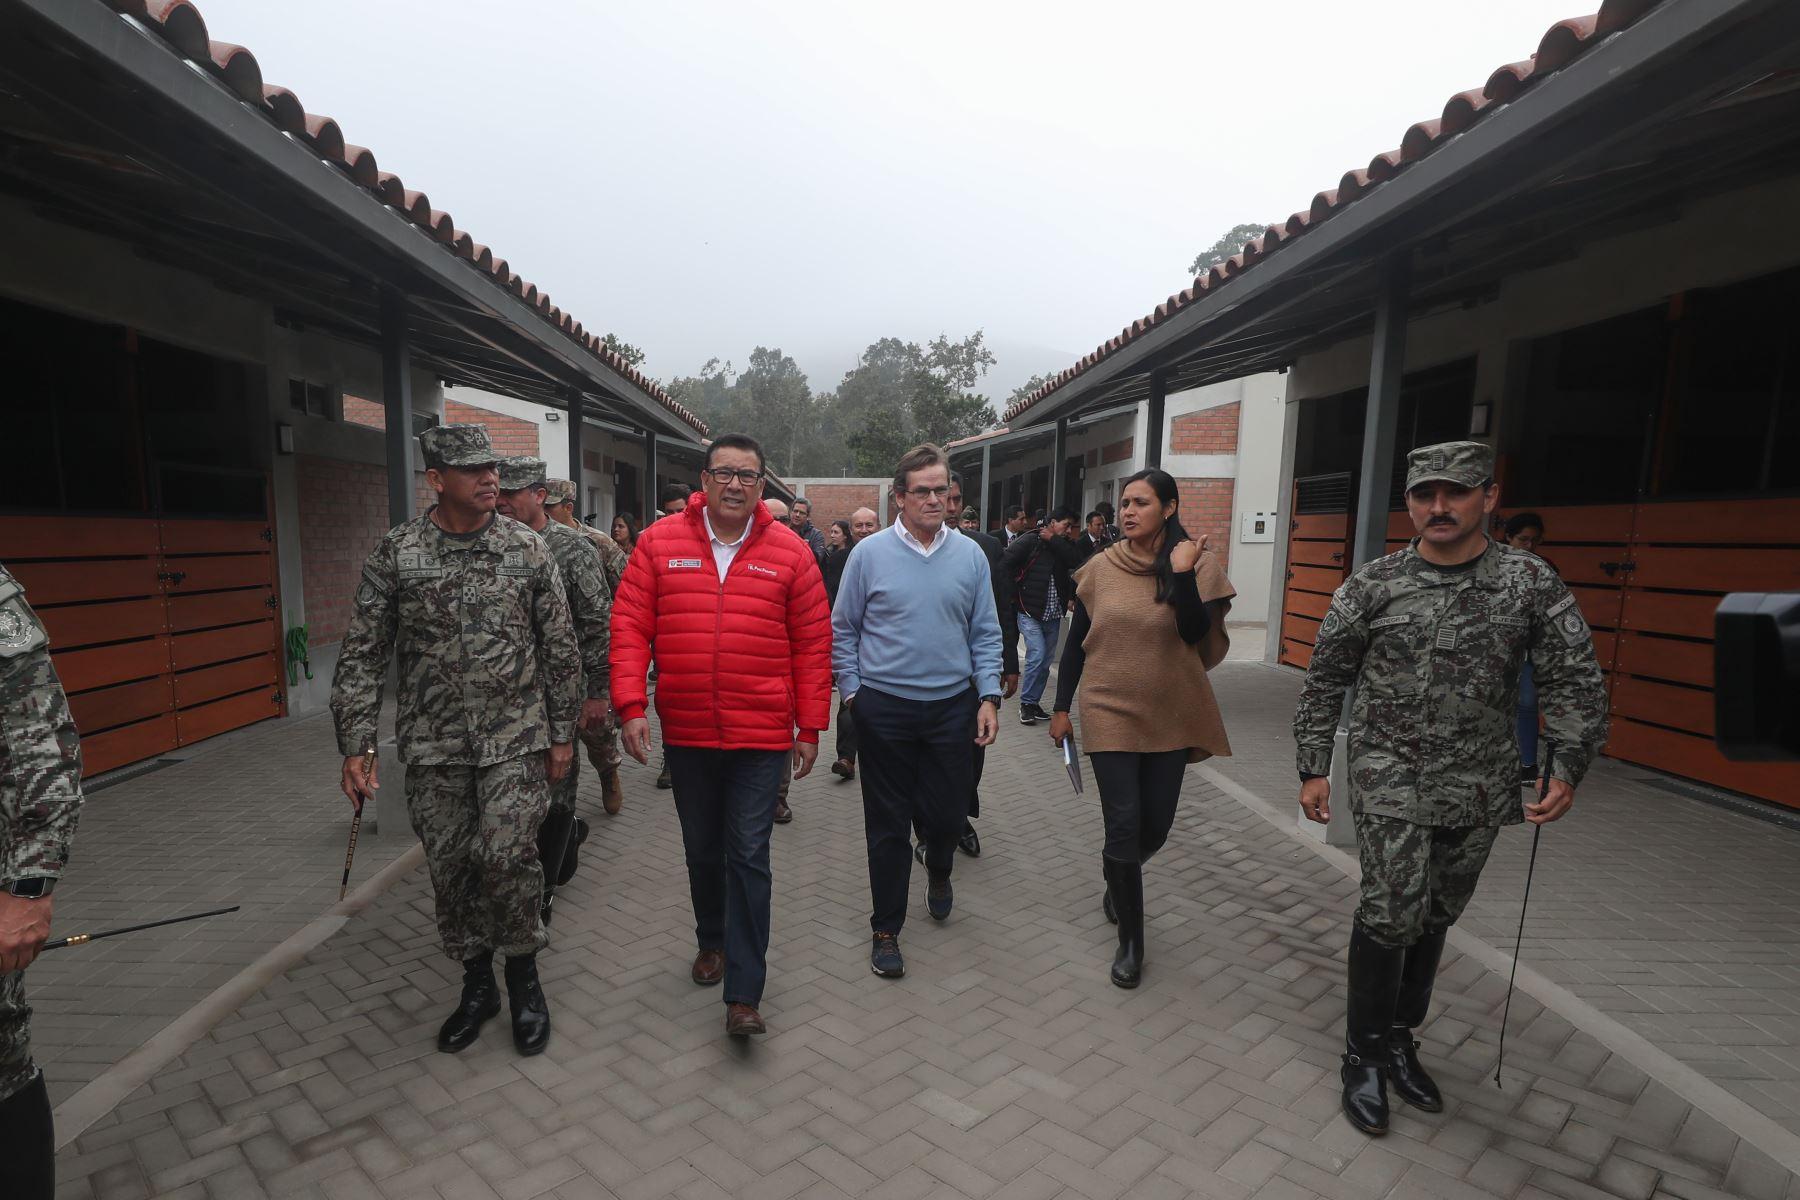 Ministro de Defensa José Huerta visitó escuela de equitación del ejercito, sede de los panamericanos 2019.Foto: ANDINA/MINDEF